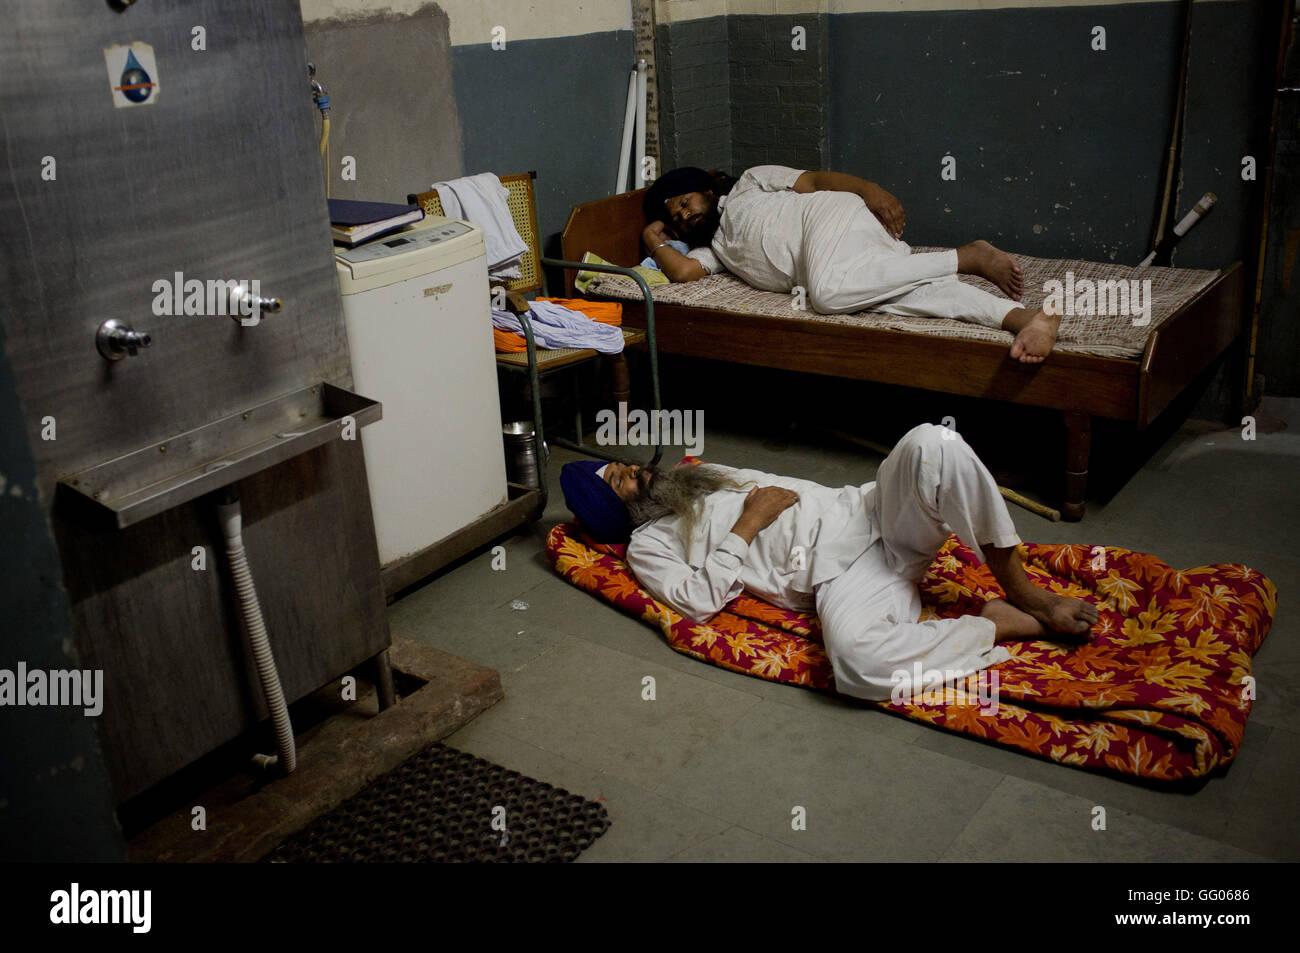 Amritsar, Punjab, en Inde. 12 mai, 2013. L'image de fichier - Deux hommes dorment à l'intérieur du complexe Golden Banque D'Images